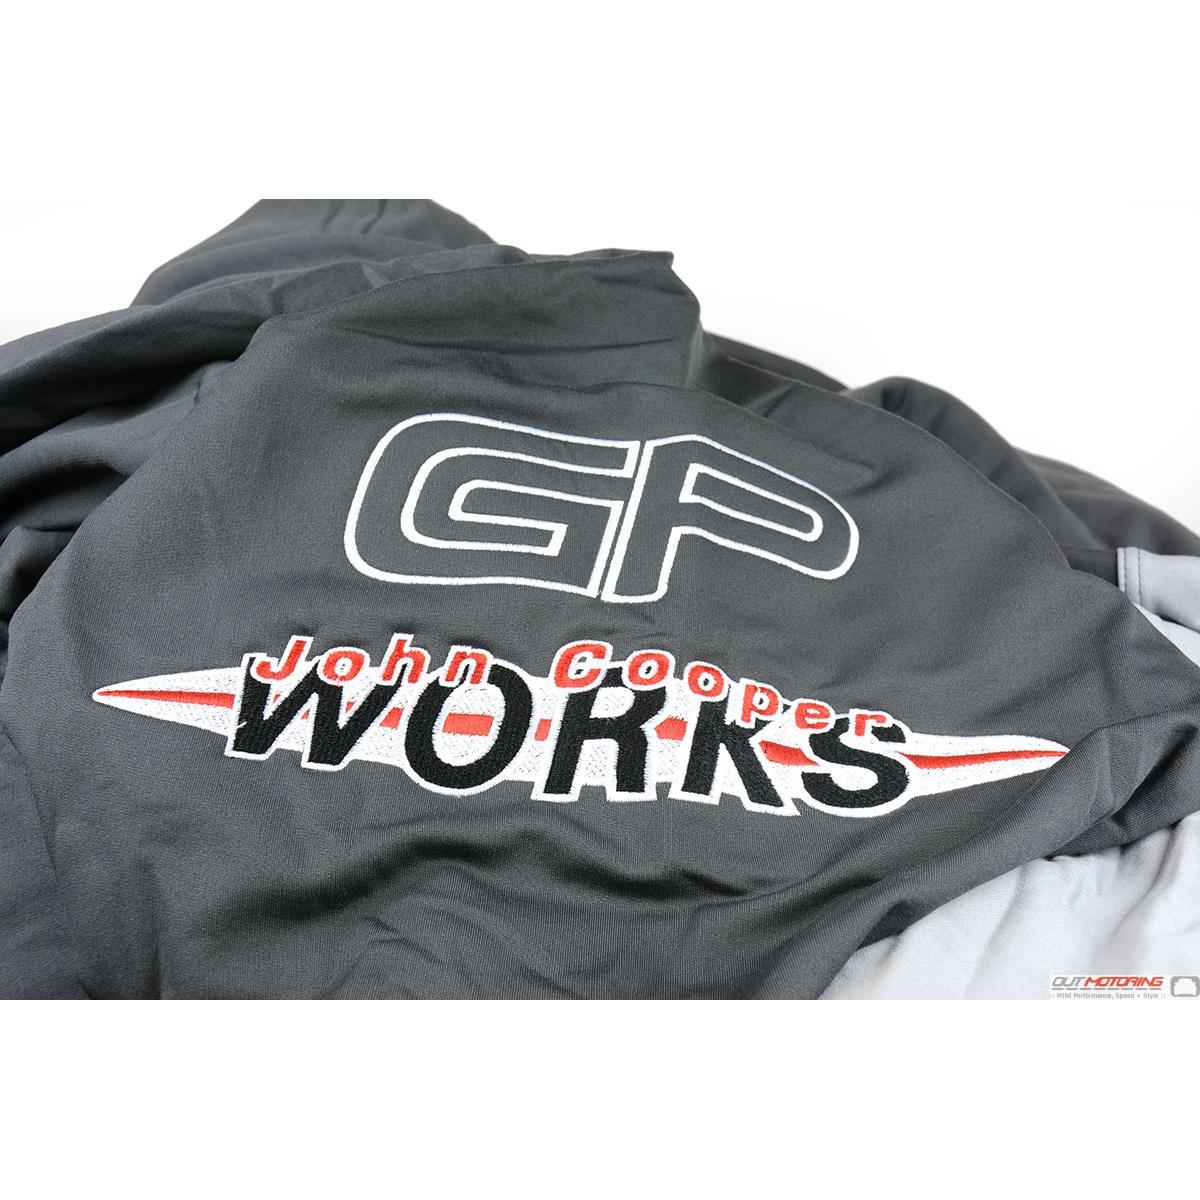 82110421540 MINI Cooper Indoor Car Cover: GP2 JCW